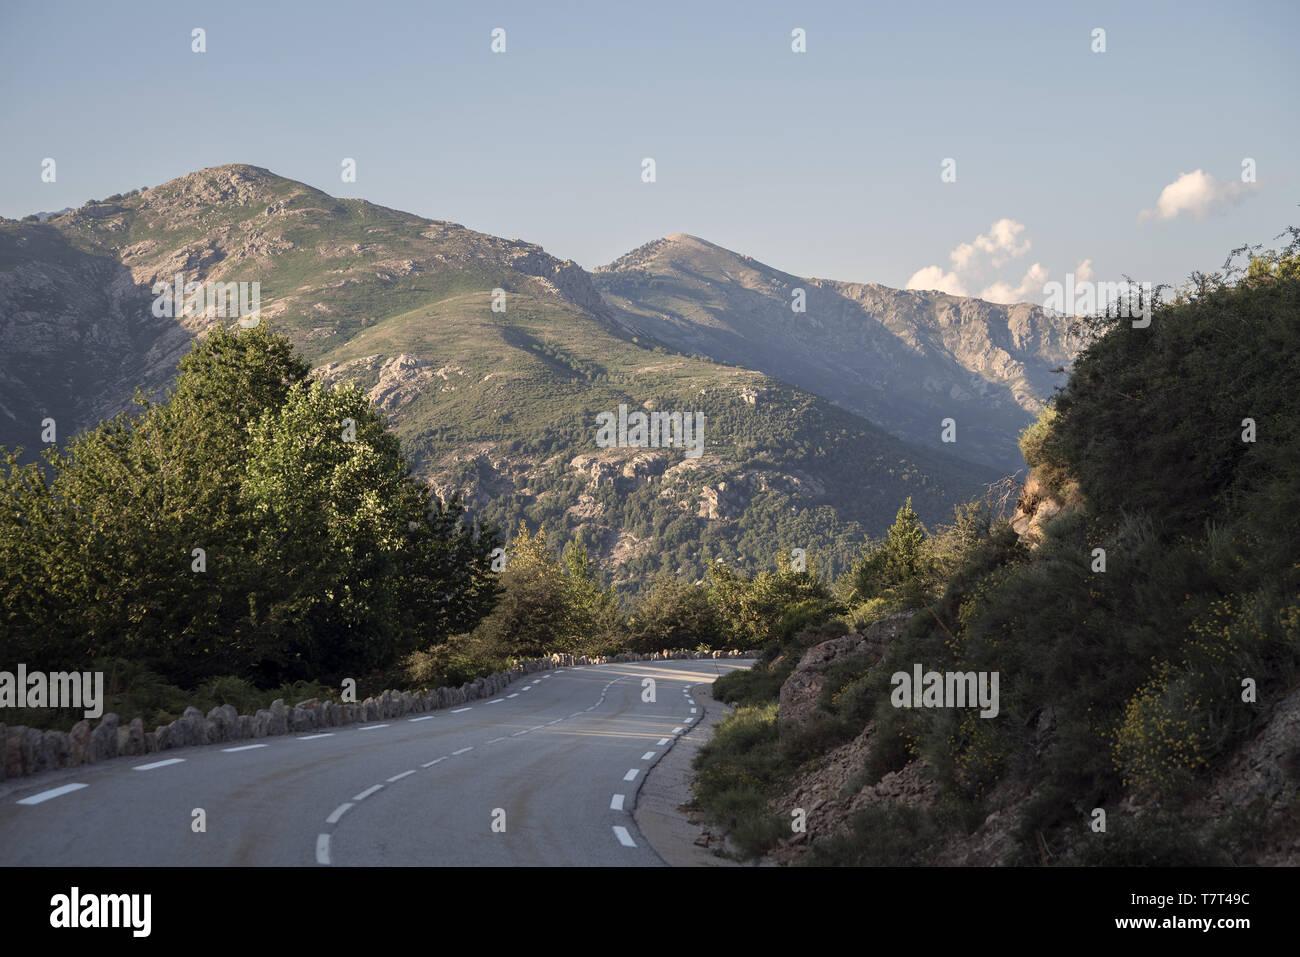 Road among the hills in the rays of the setting sun. Straße zwischen den Hügeln in den Strahlen der untergehenden Sonne. Droga przez góry. - Stock Image